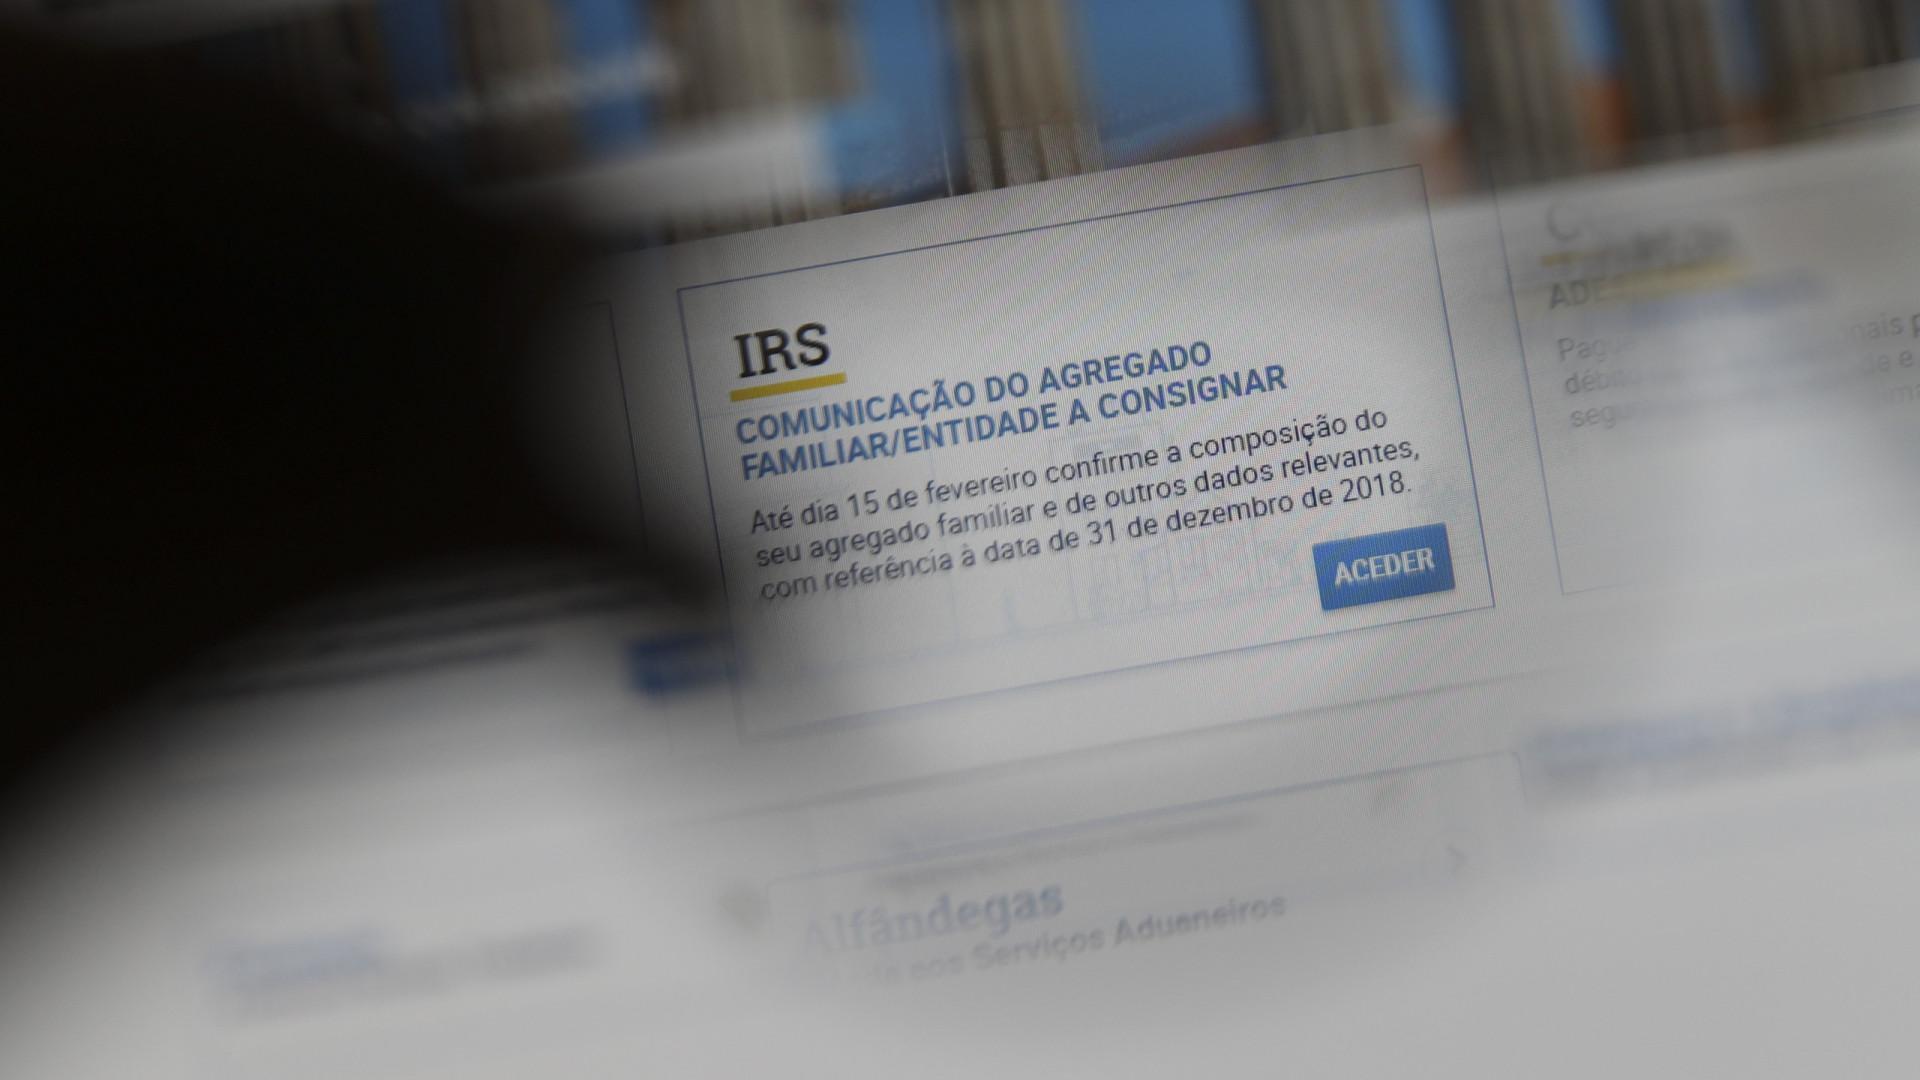 Fisco liquidou 73 mil declarações de IRS e 54 mil têm reembolso